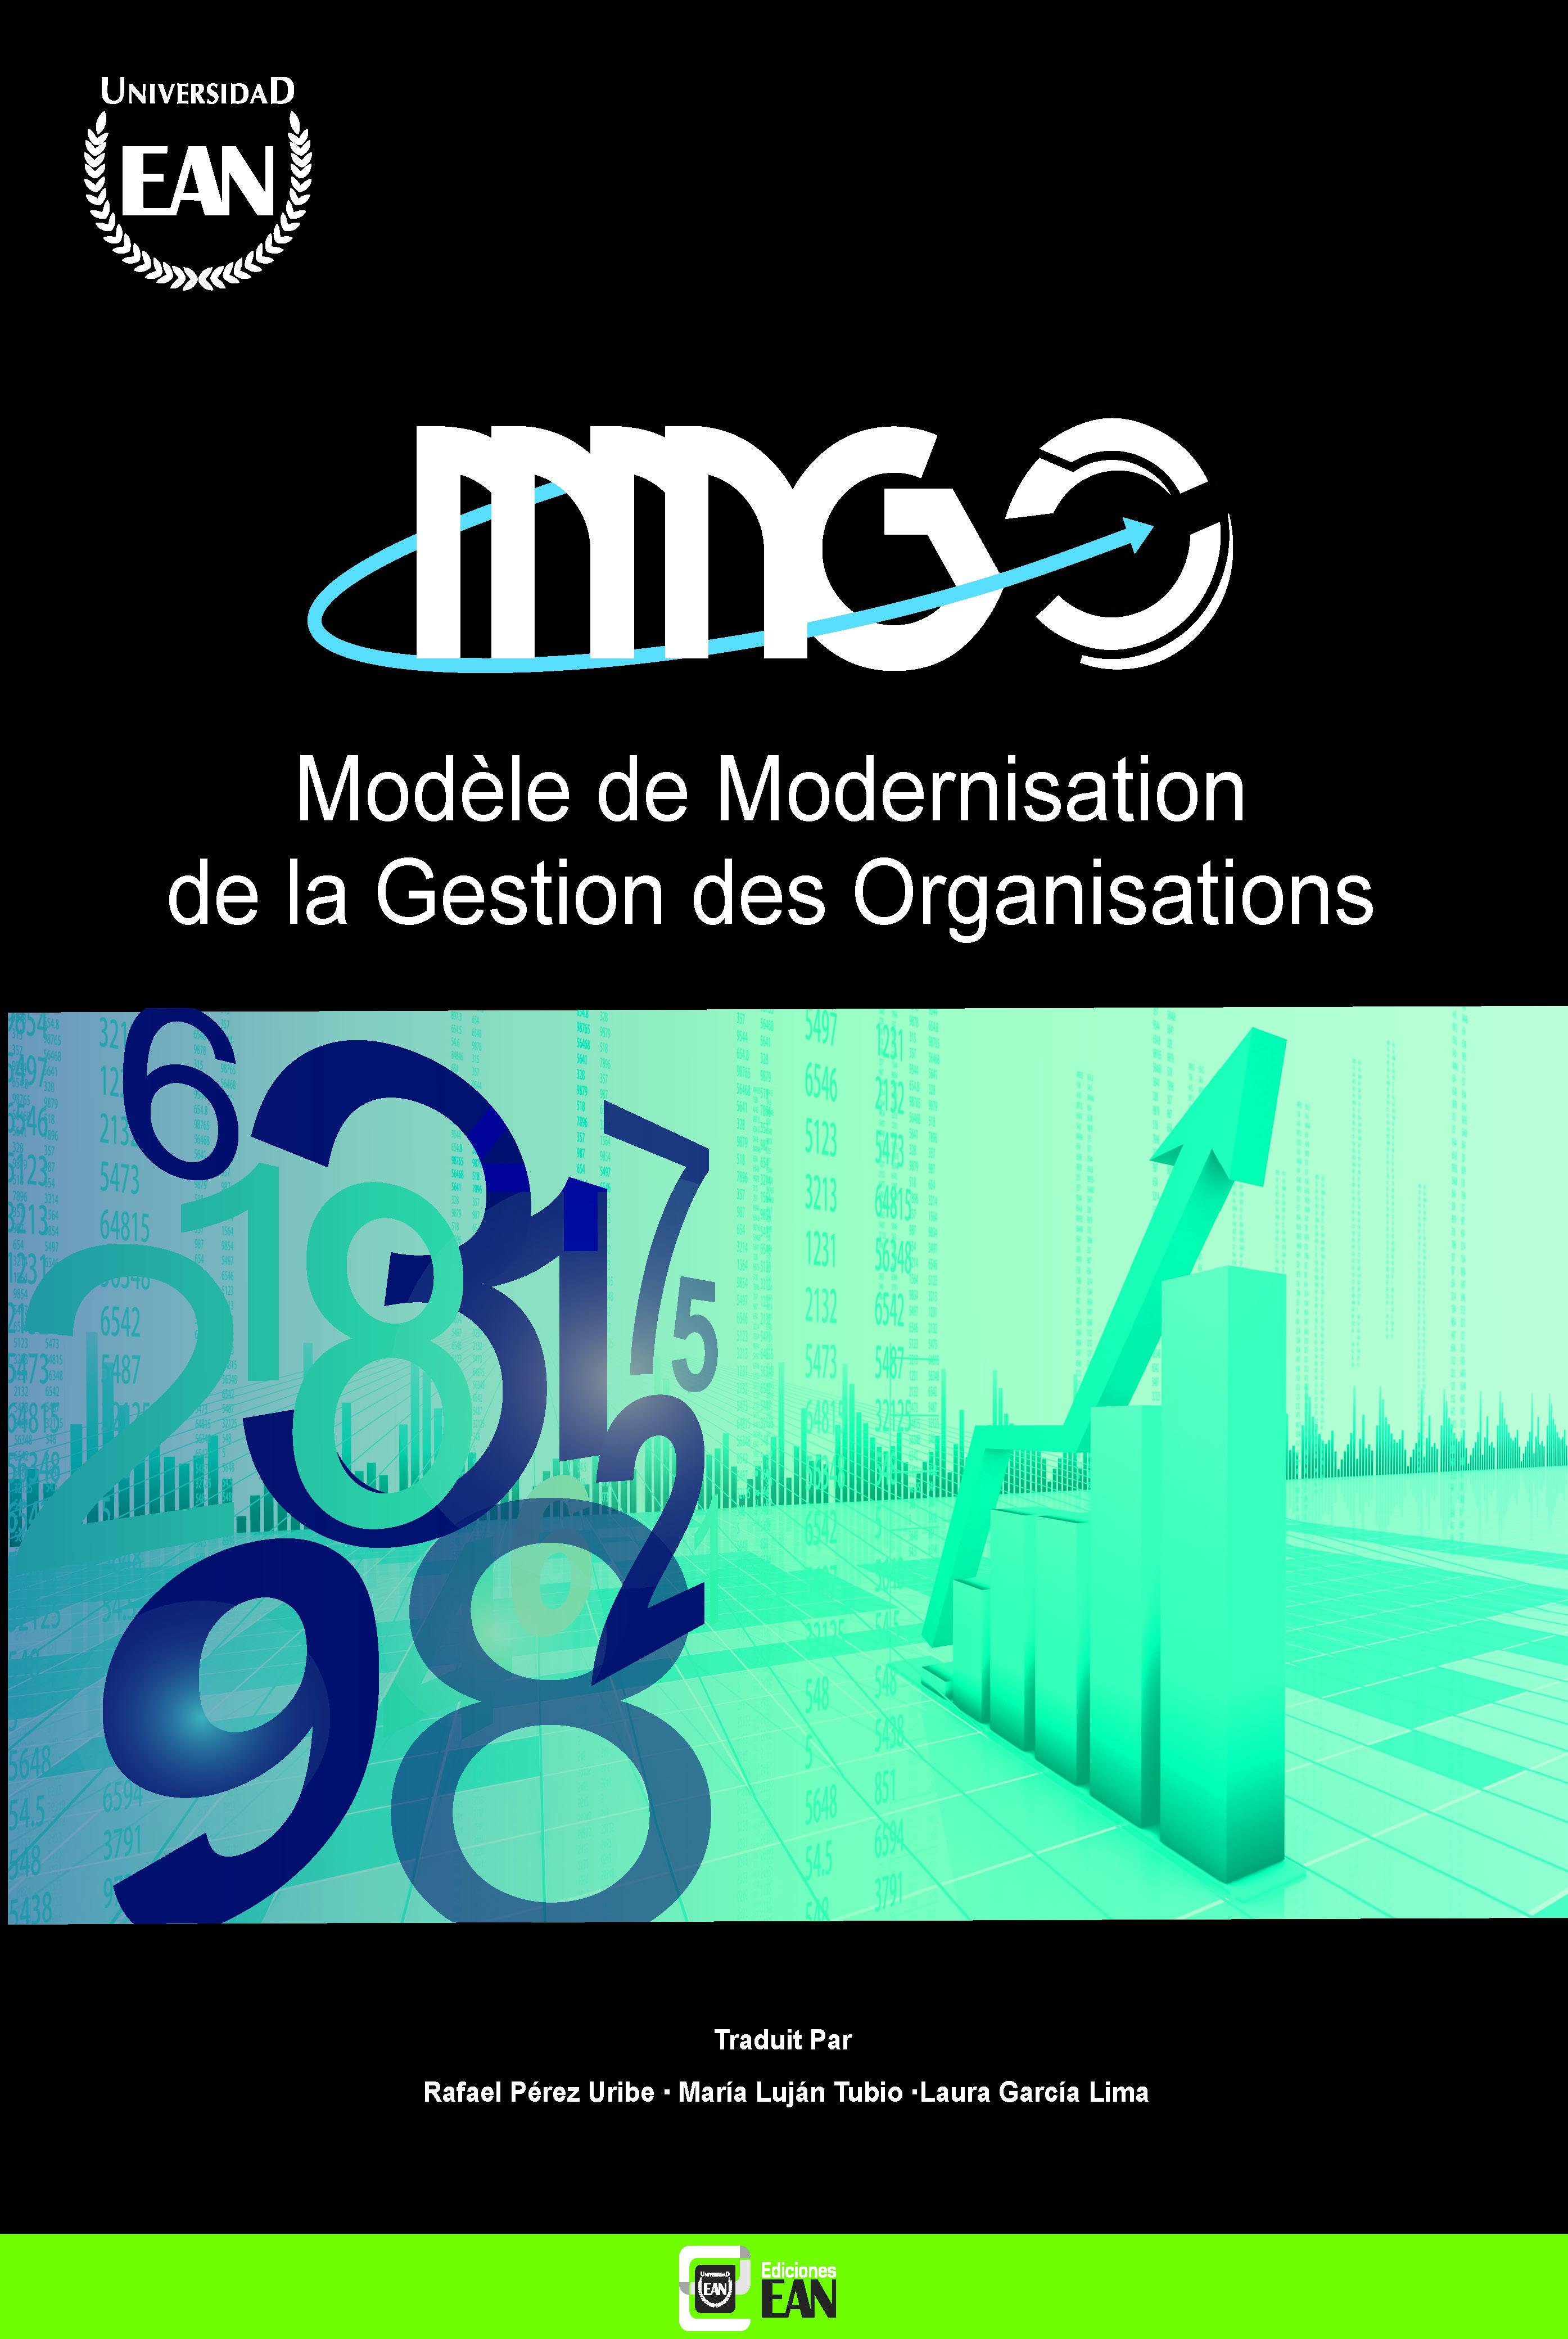 Modèle de Modernisation de la Gestion des Organisations MMGO®